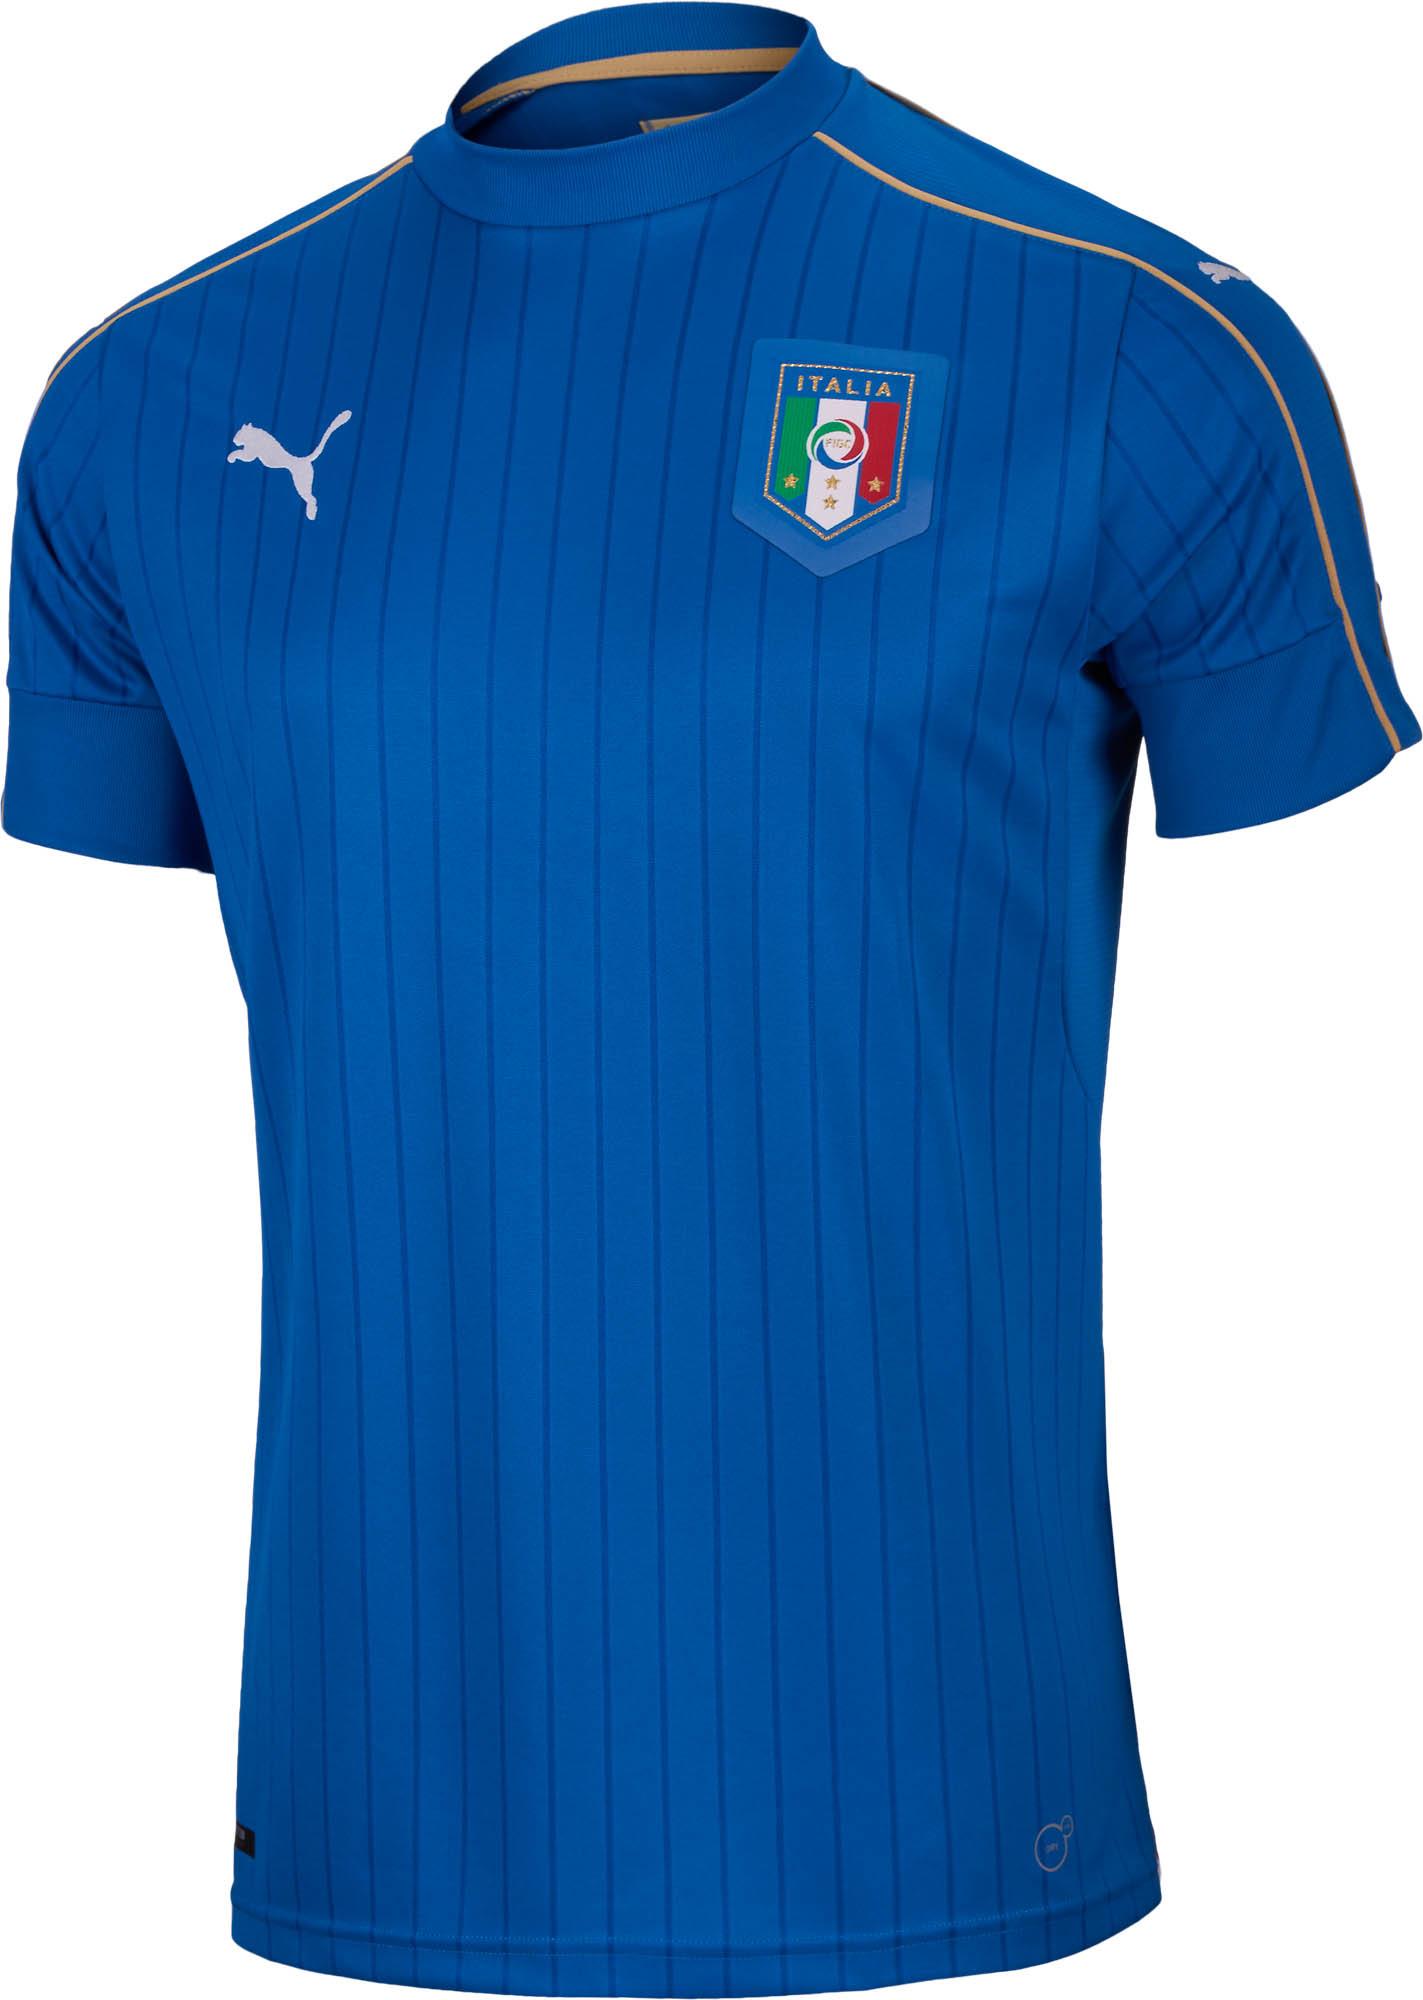 55085dfab Puma Youth Italy Home Jersey - 2016 Italy Soccer Jerseys